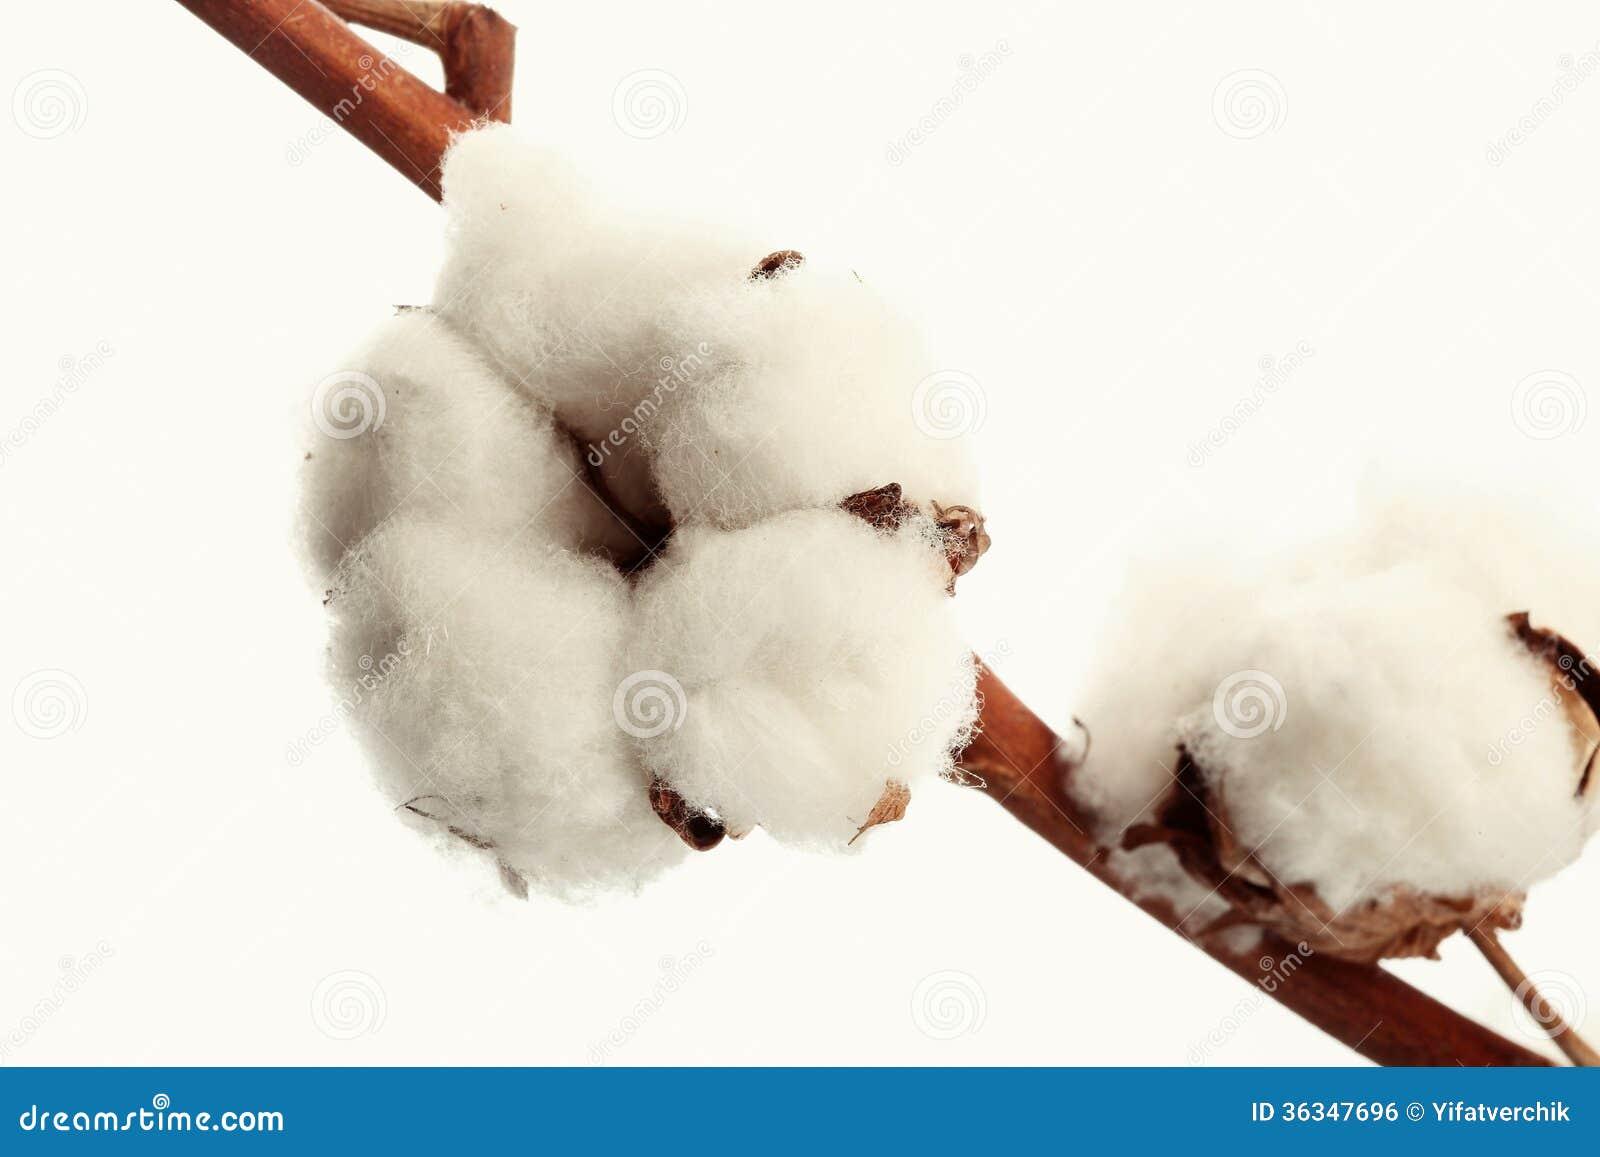 fleur de coton photo stock image du nature instruction 36347696. Black Bedroom Furniture Sets. Home Design Ideas